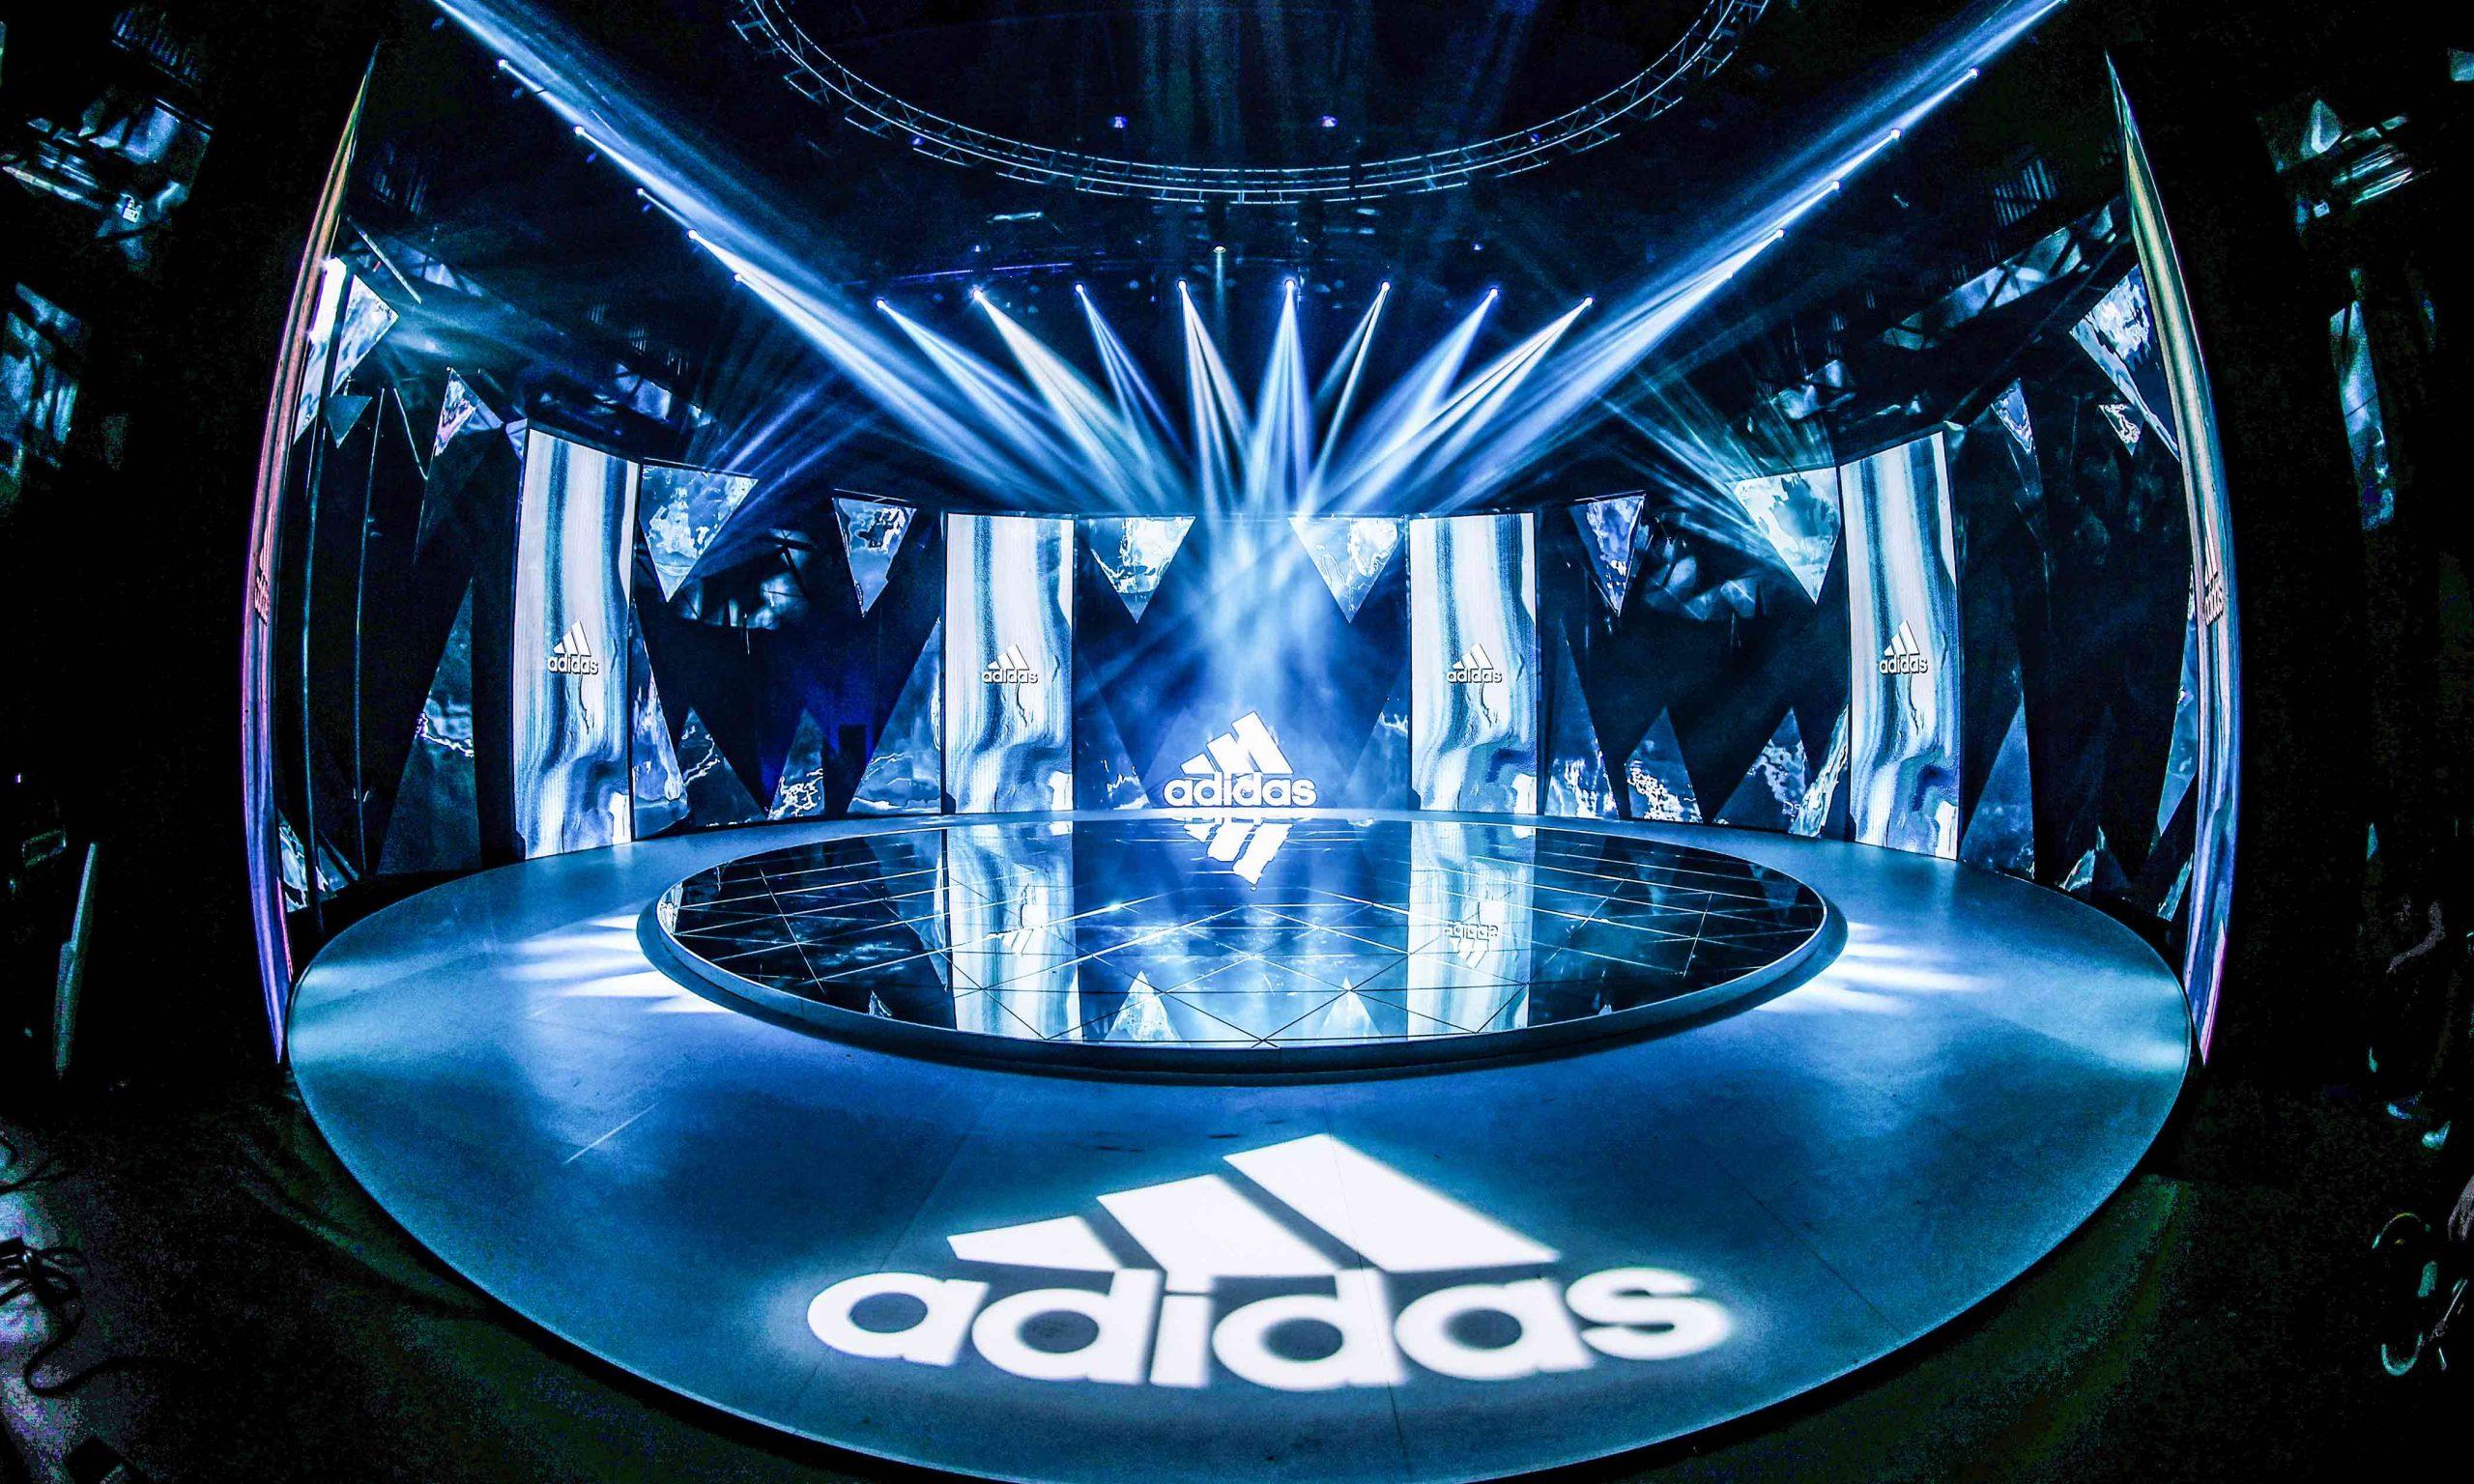 羽绒不服·探秘冬境,adidas 2020 冬季系列新品发布会即将精彩呈现